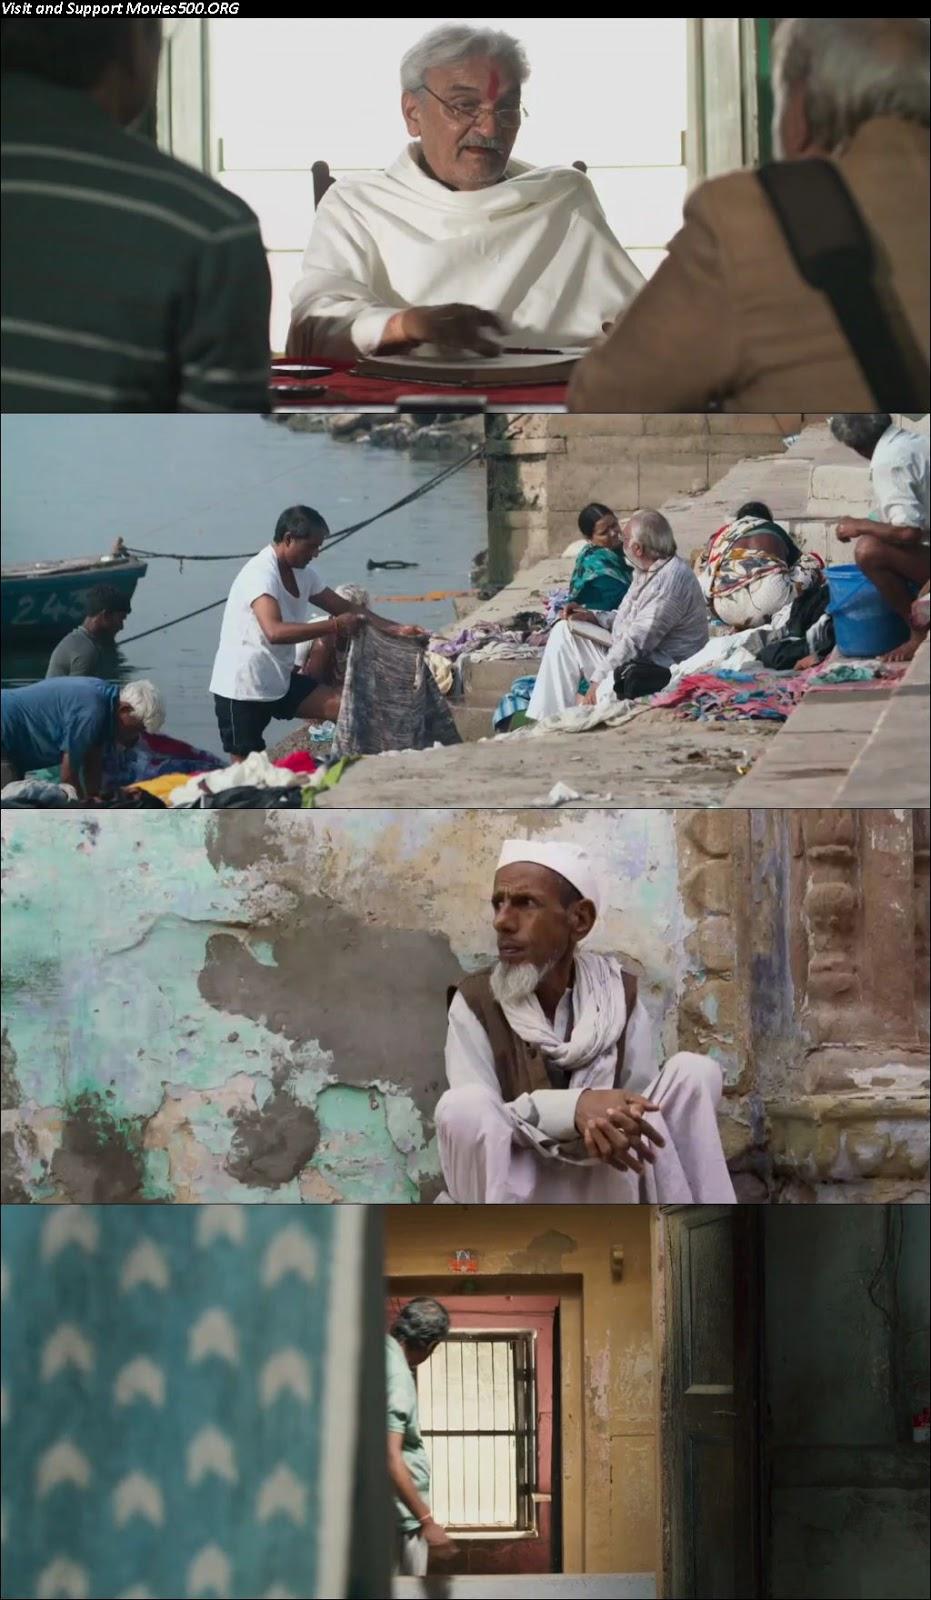 Mukti Bhawan 2017 Hindi Movie Download HDRip 720p at movies500.me